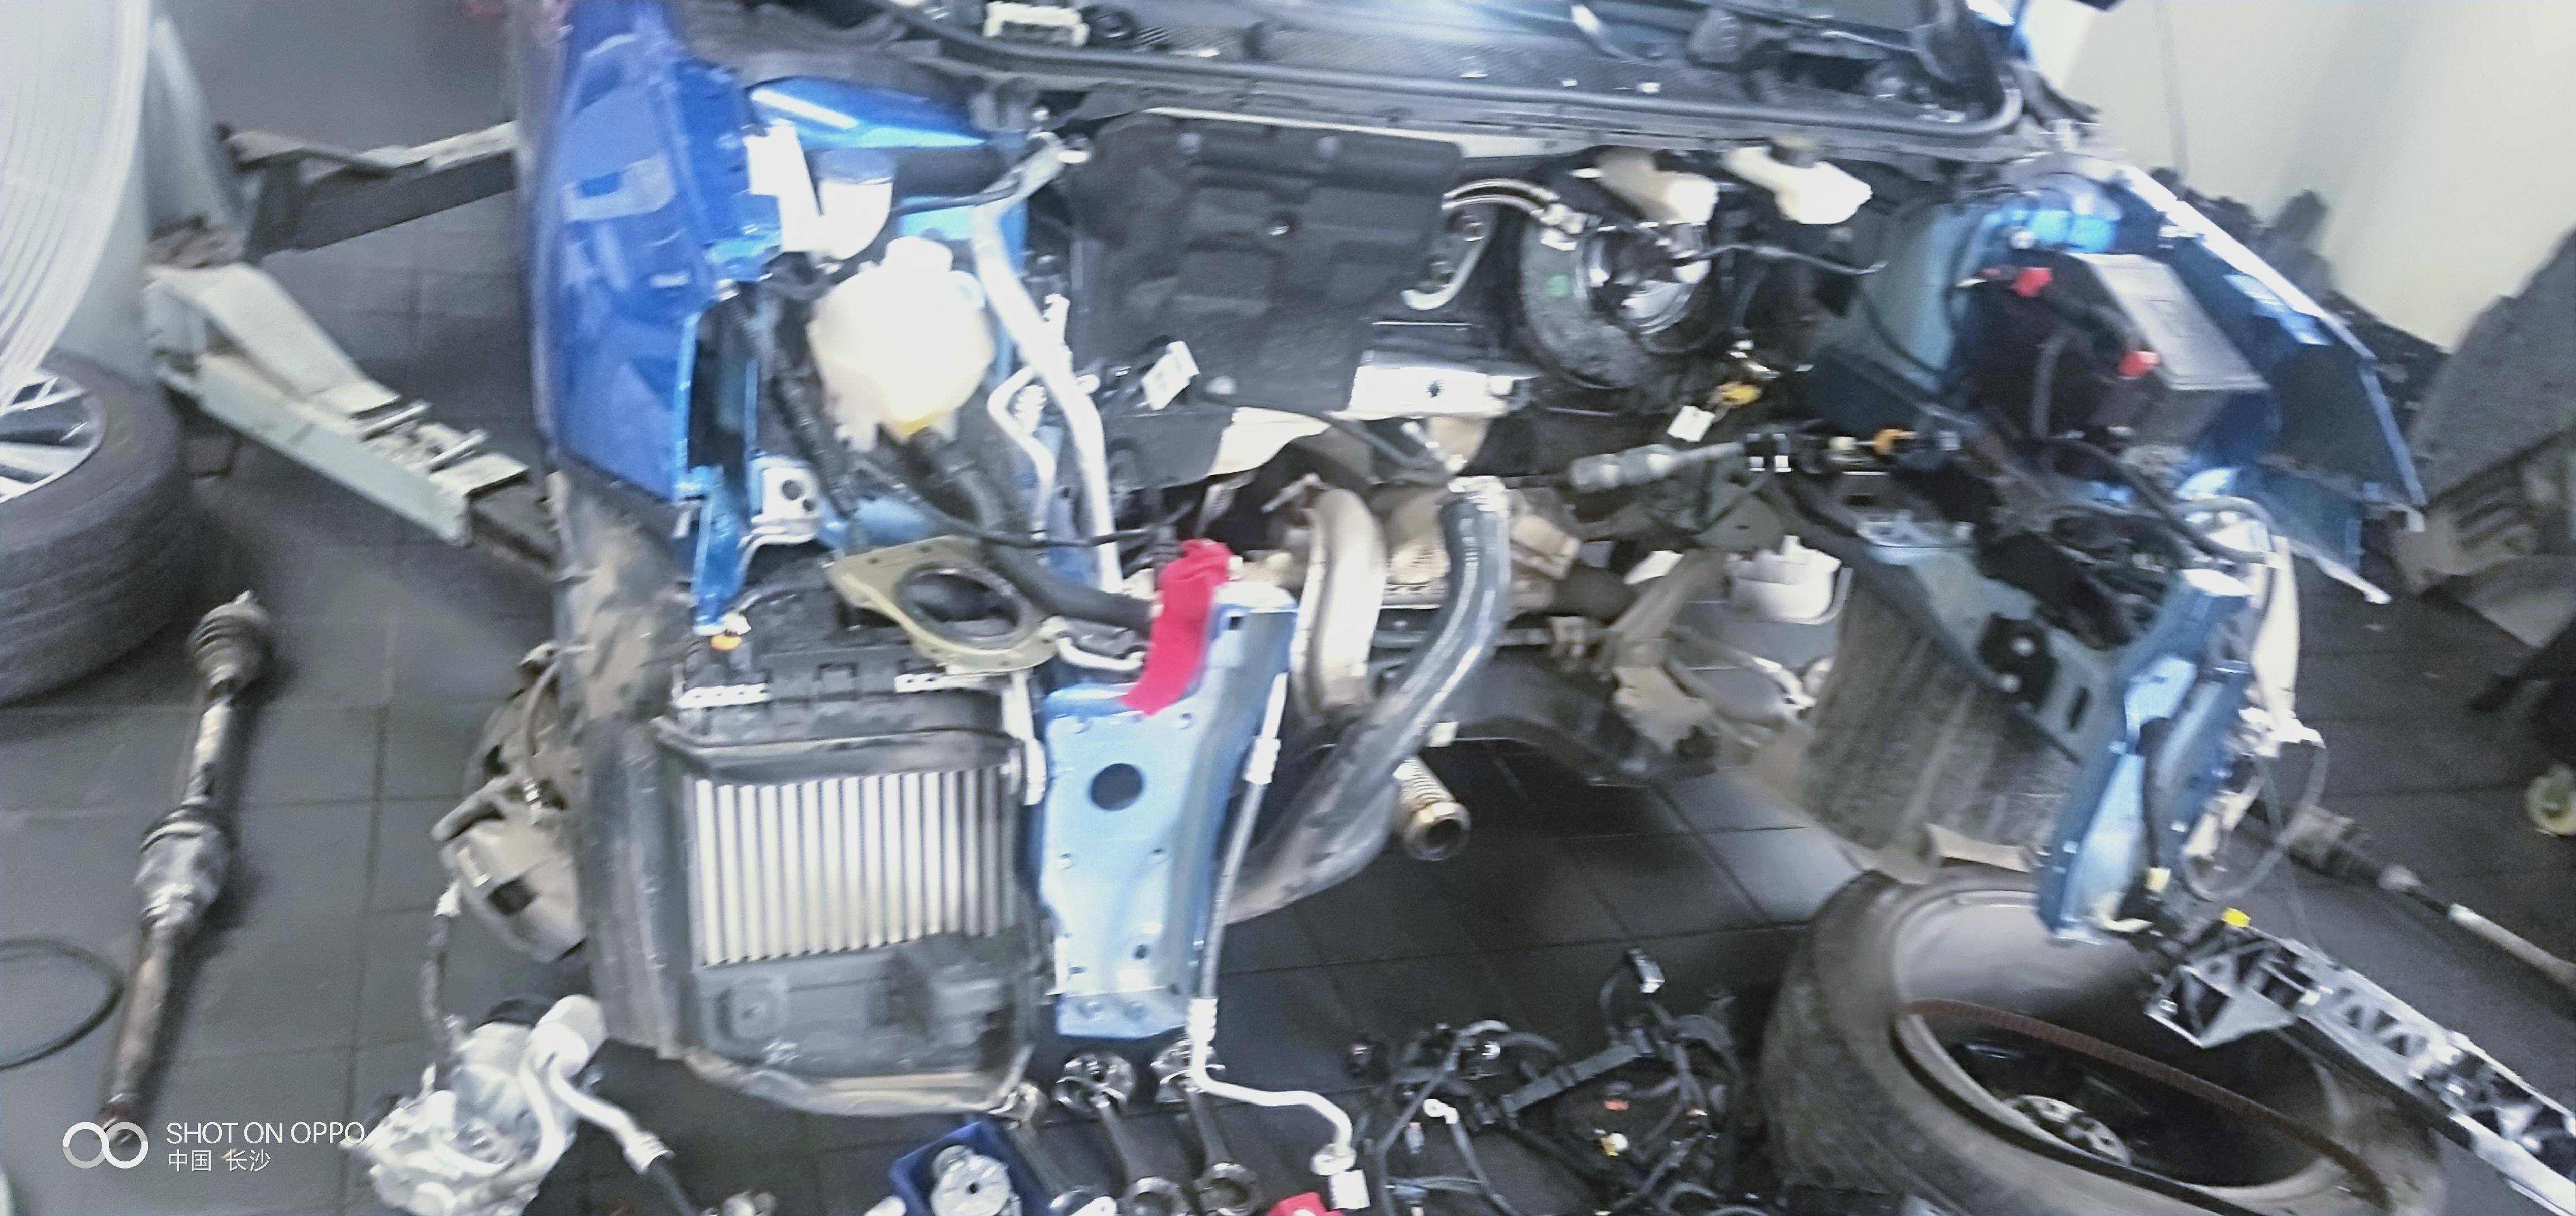 東風標致-標致408 新車不到一個月出現漏油,在我不知情把發動機全部拆散了,要求全款退車